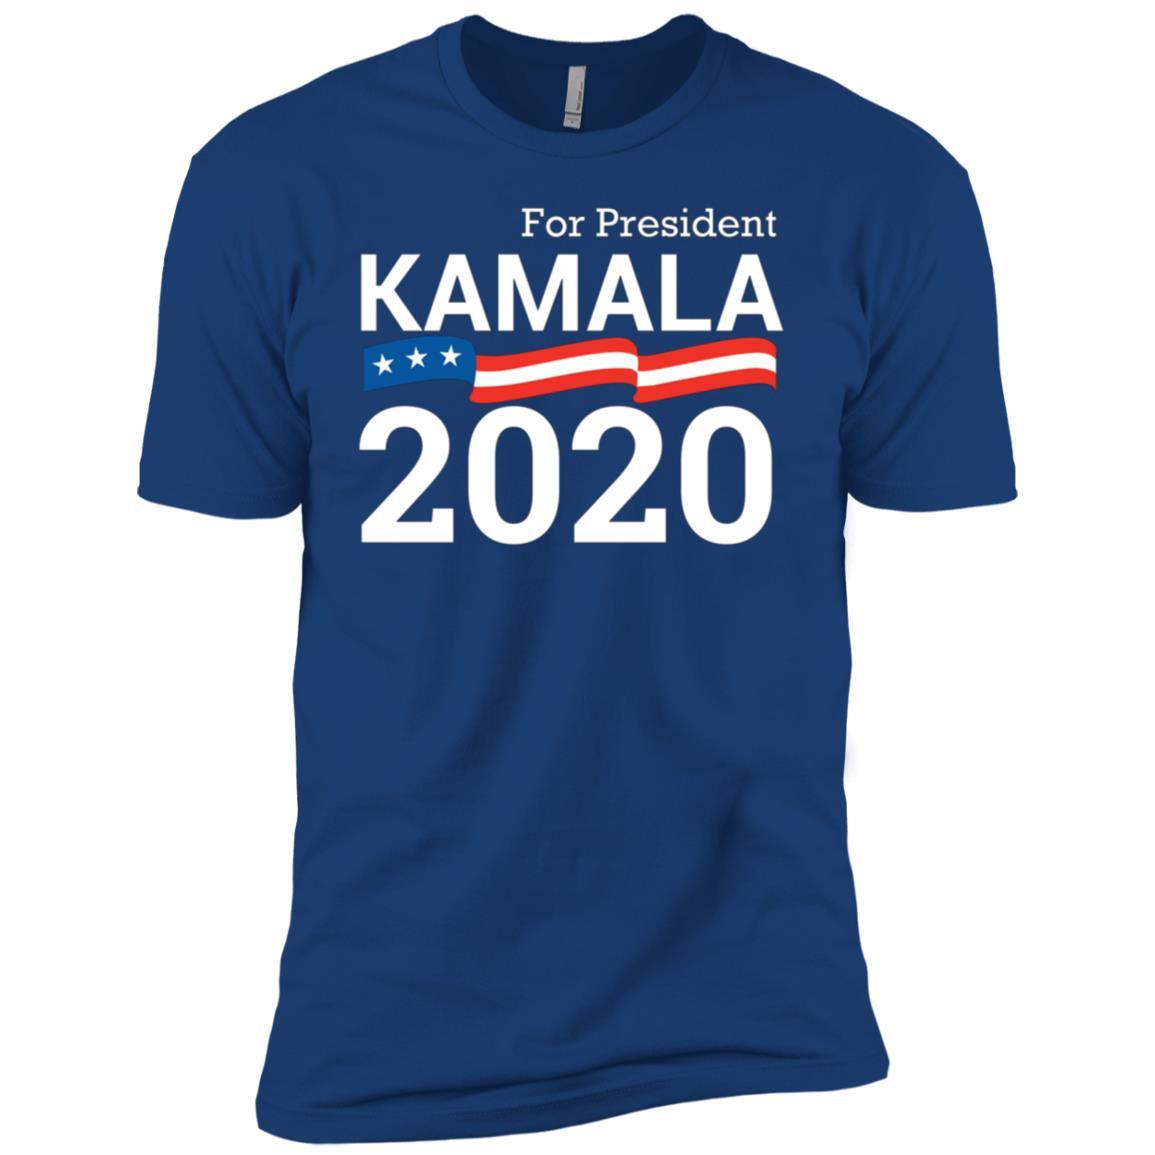 Kamala Harris For President 2020 Election s Senator Men Short Sleeve T-Shirt